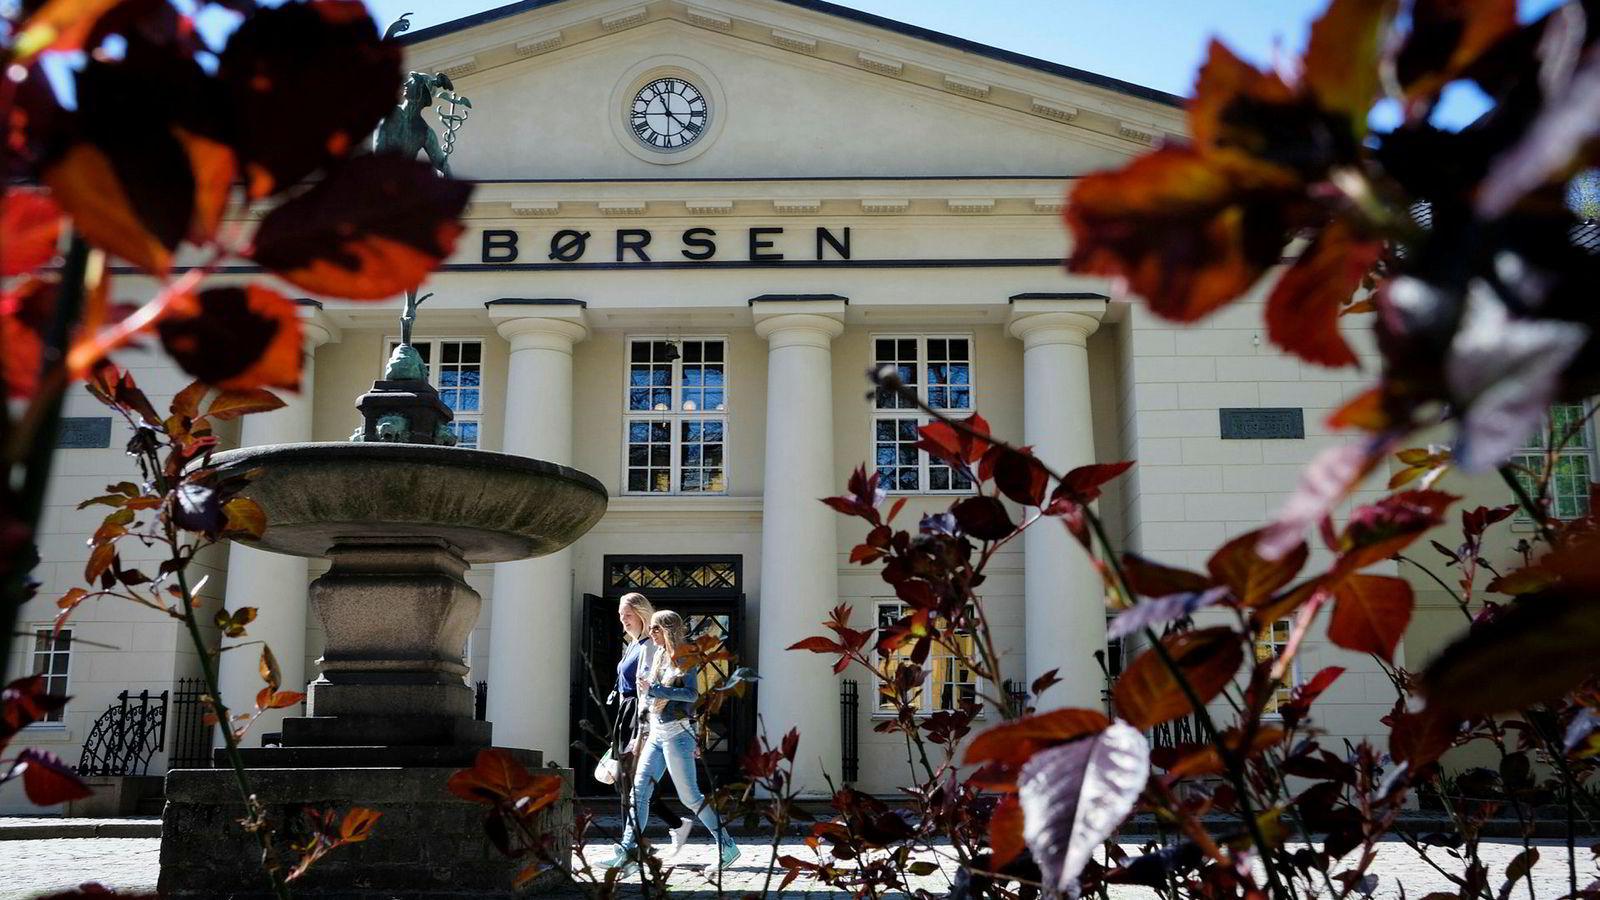 I perioden 1984 til 2016 har det skjedd en dramatisk utvikling i eierstrukturen av aksjer notert på Oslo Børs, sier forfatteren.